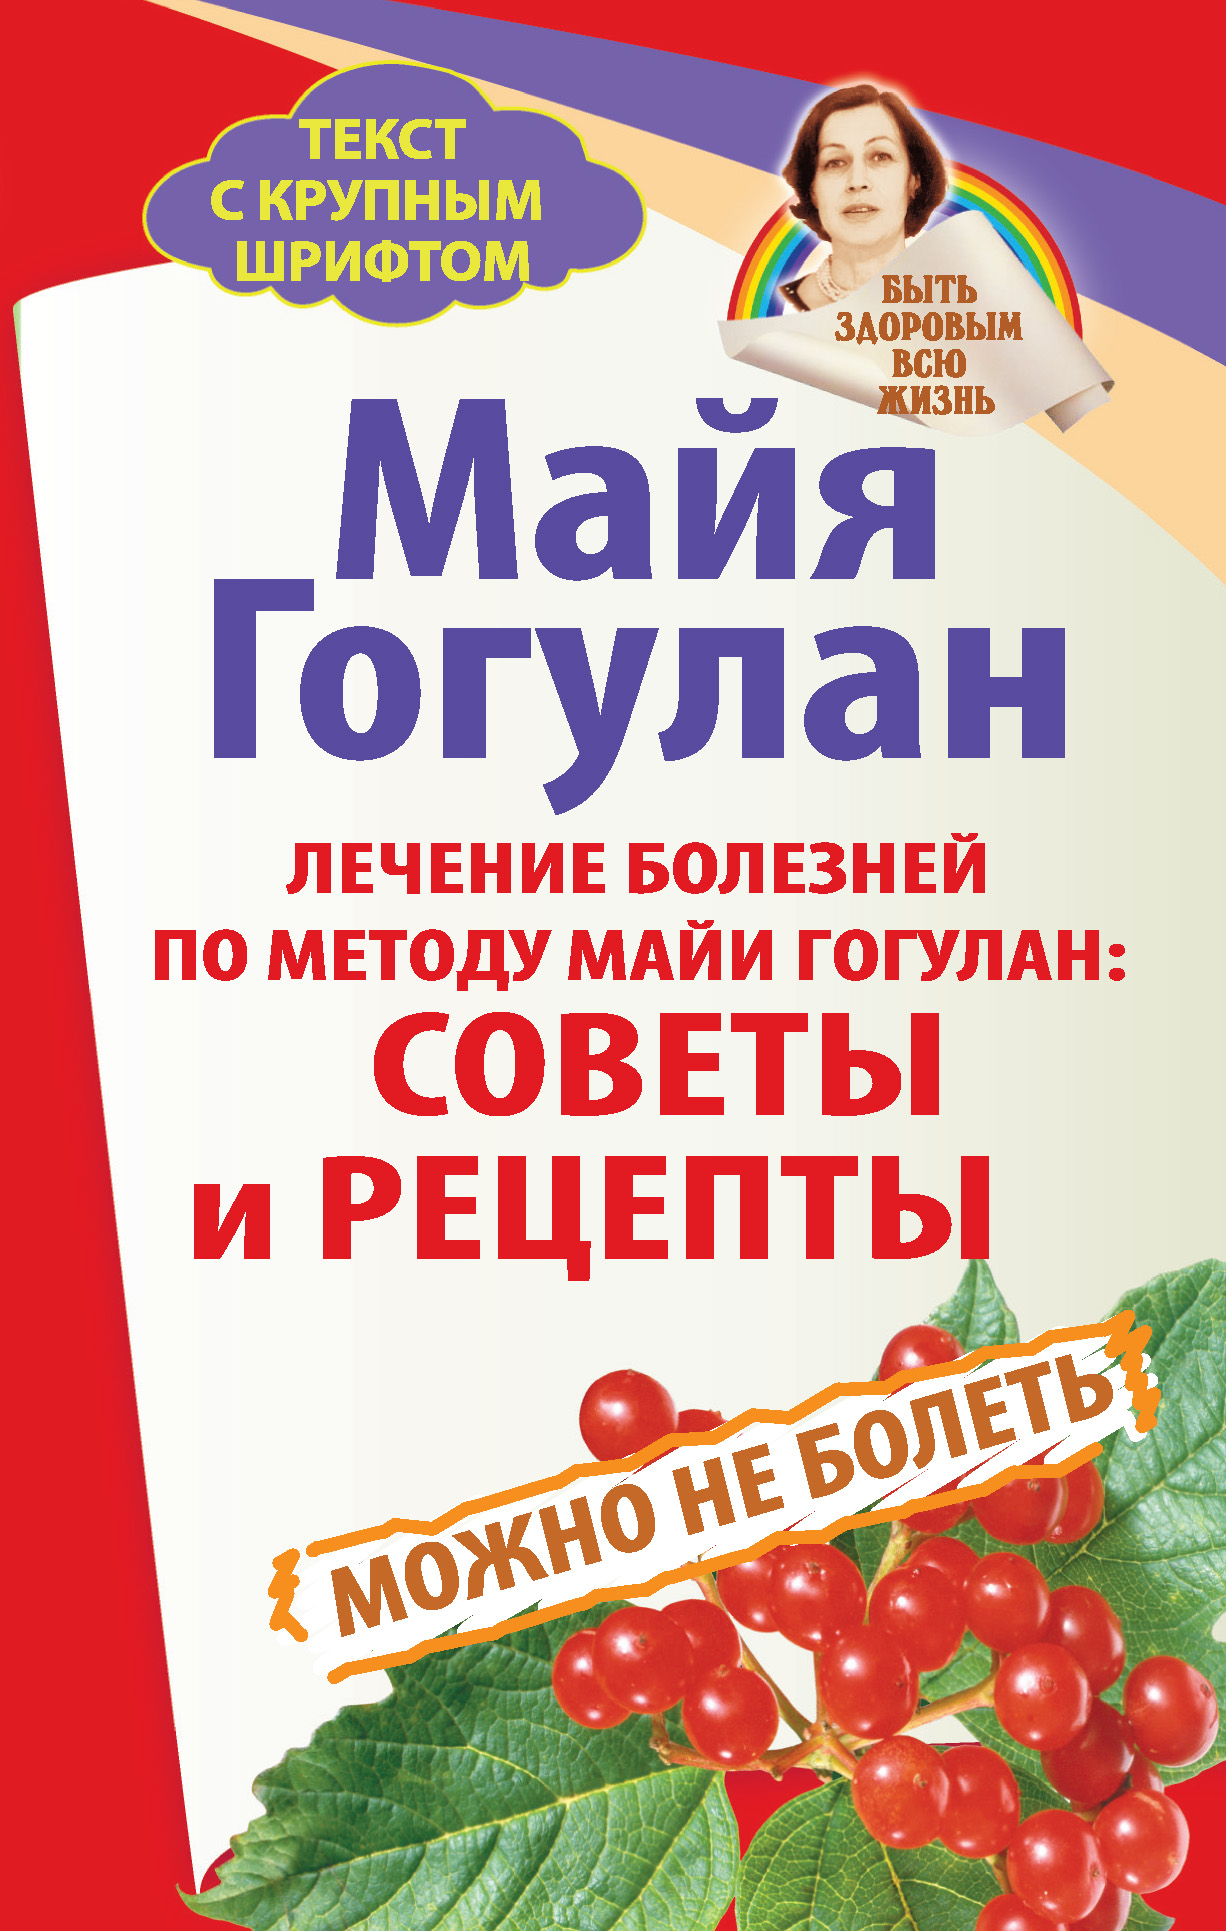 Майя Гогулан Лечение болезней по методу Майи Гогулан: советы и рецепты. Можно не болеть гогулан майя федоровна как ускорить выздоровление личный опыт майи гогулан